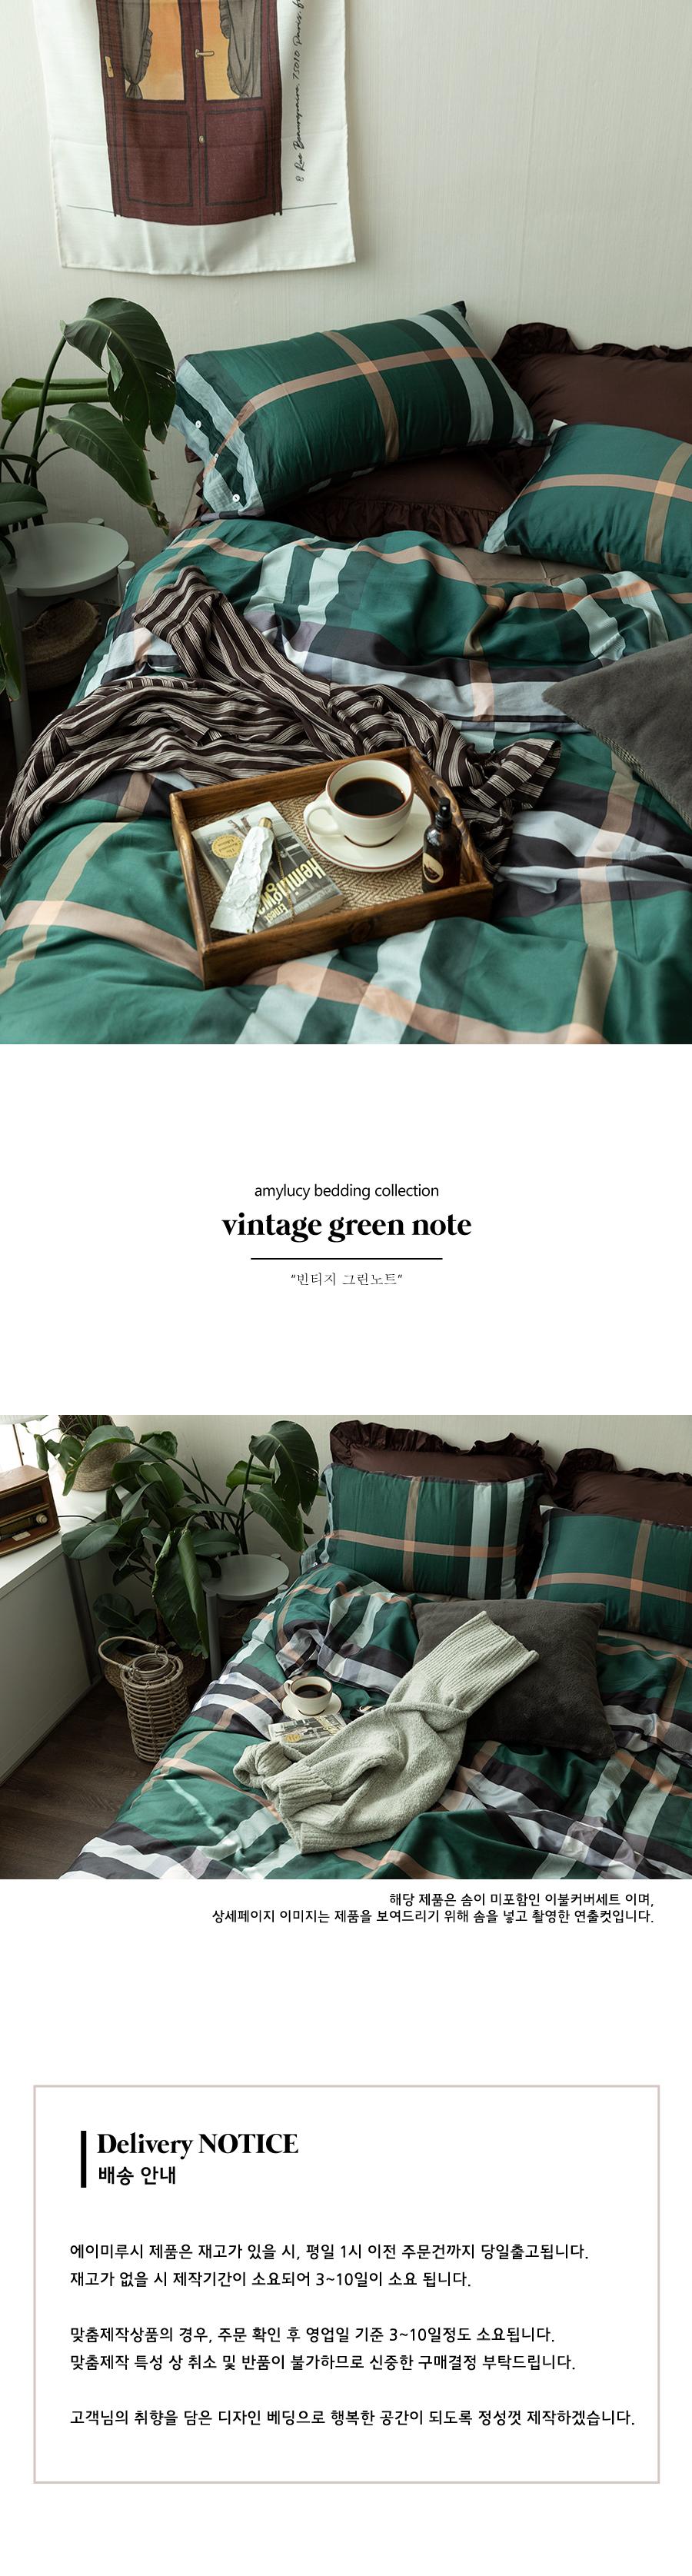 빈티지그린노트 60수 Q 호텔침구 사계절이불세트 - 에이미루시, 154,000원, 퀸/킹침구세트, 도트/패턴